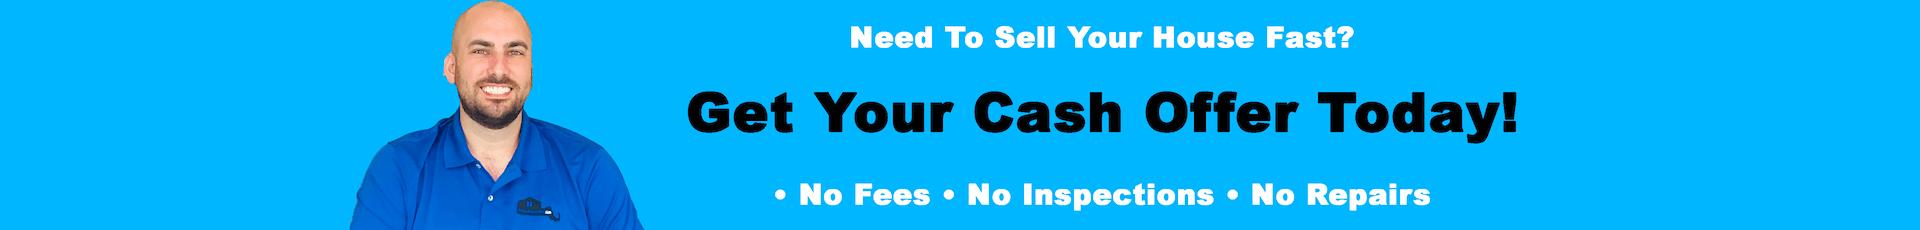 sell house fast massachusetts